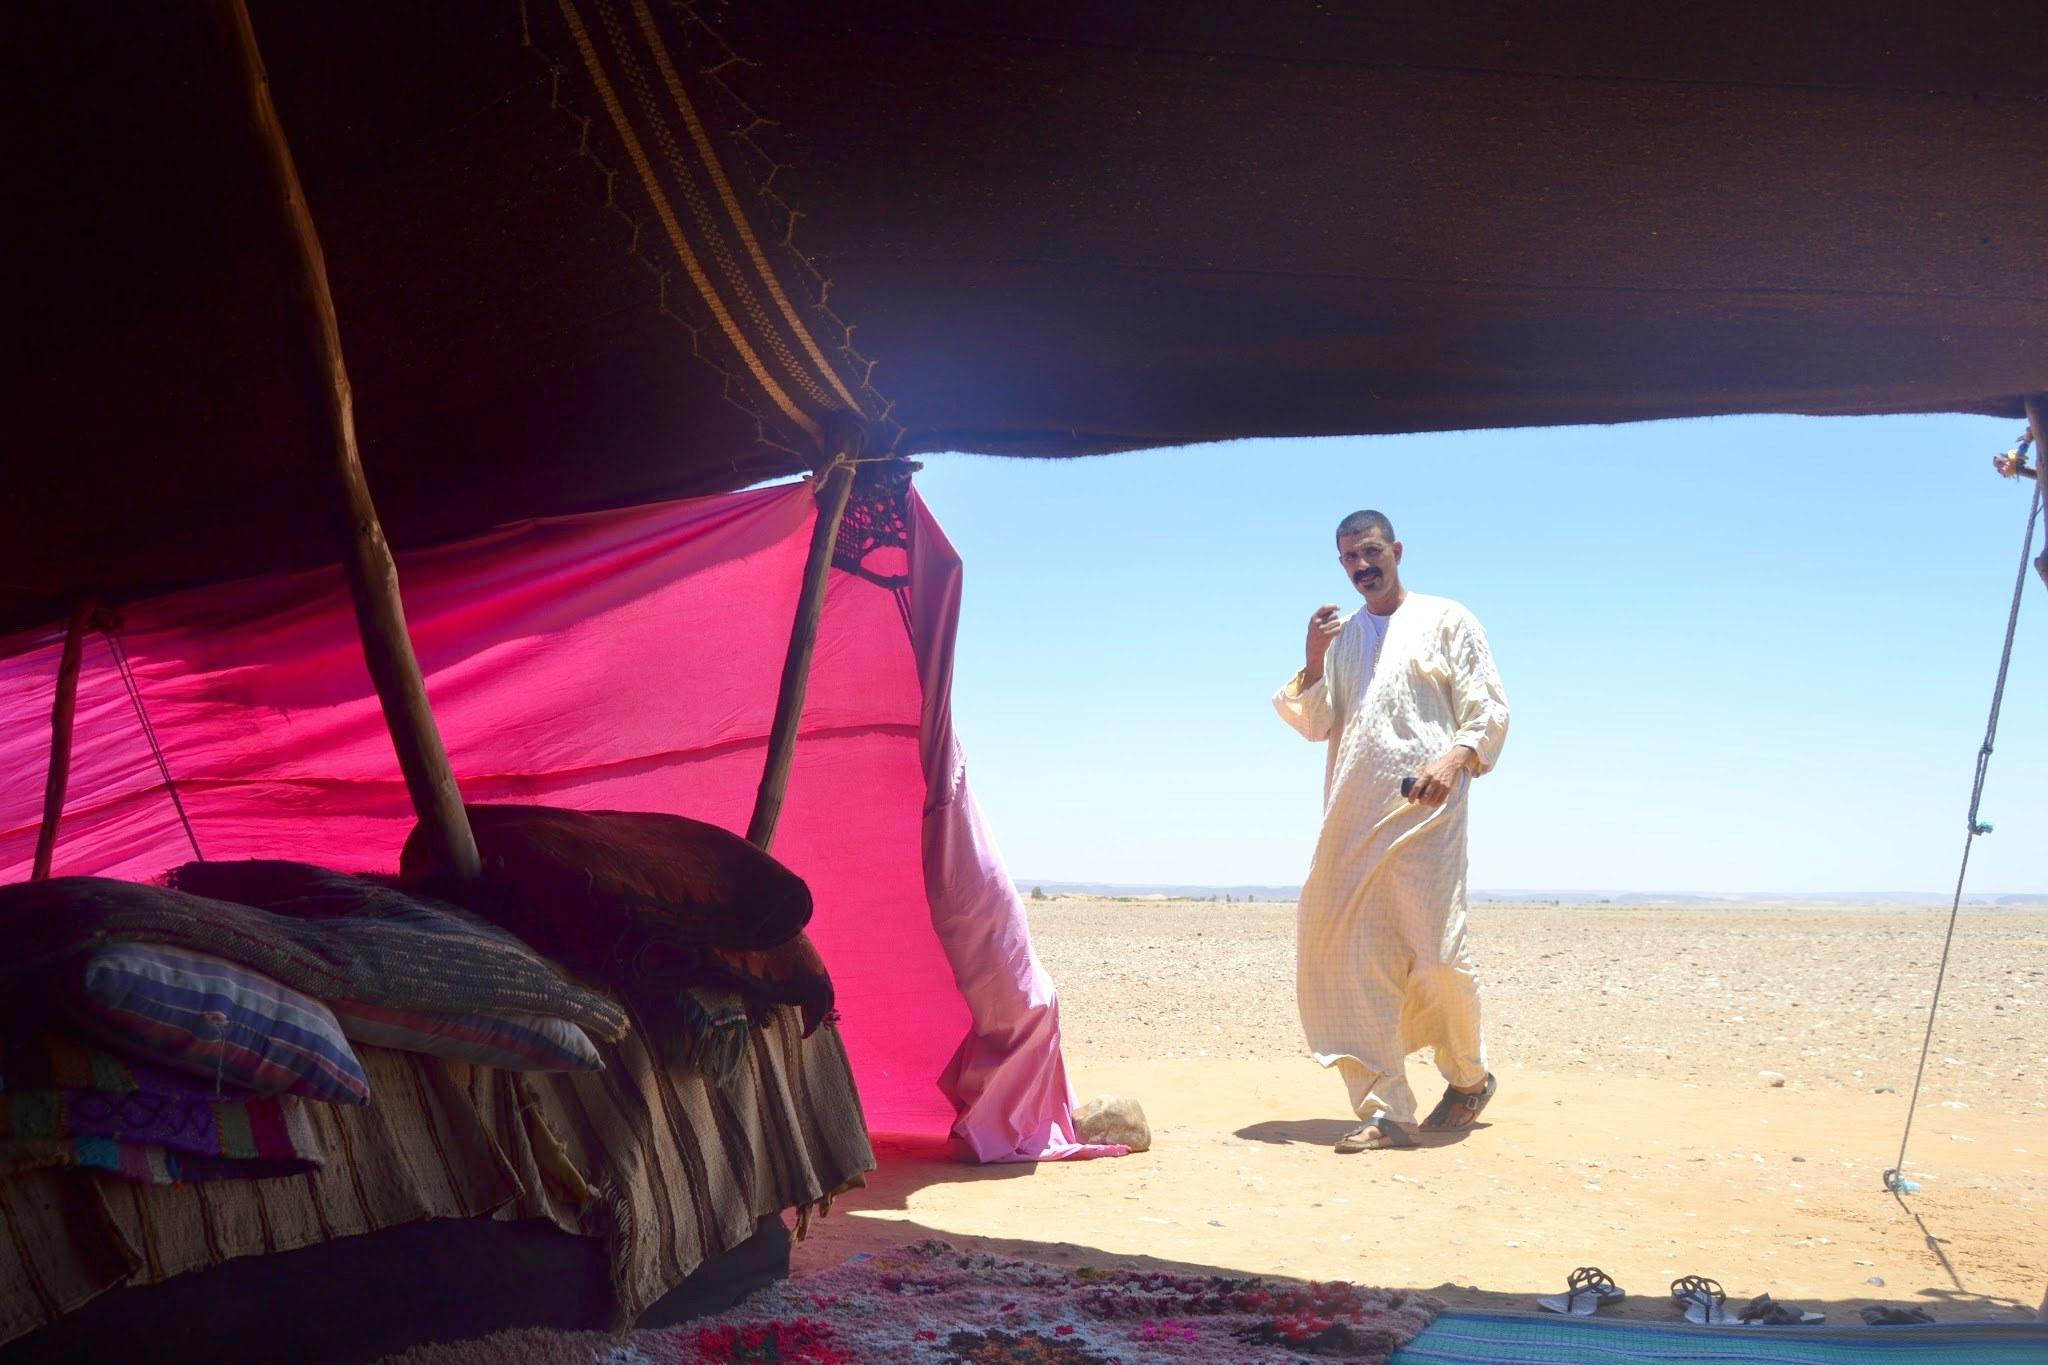 khaima marroquí té